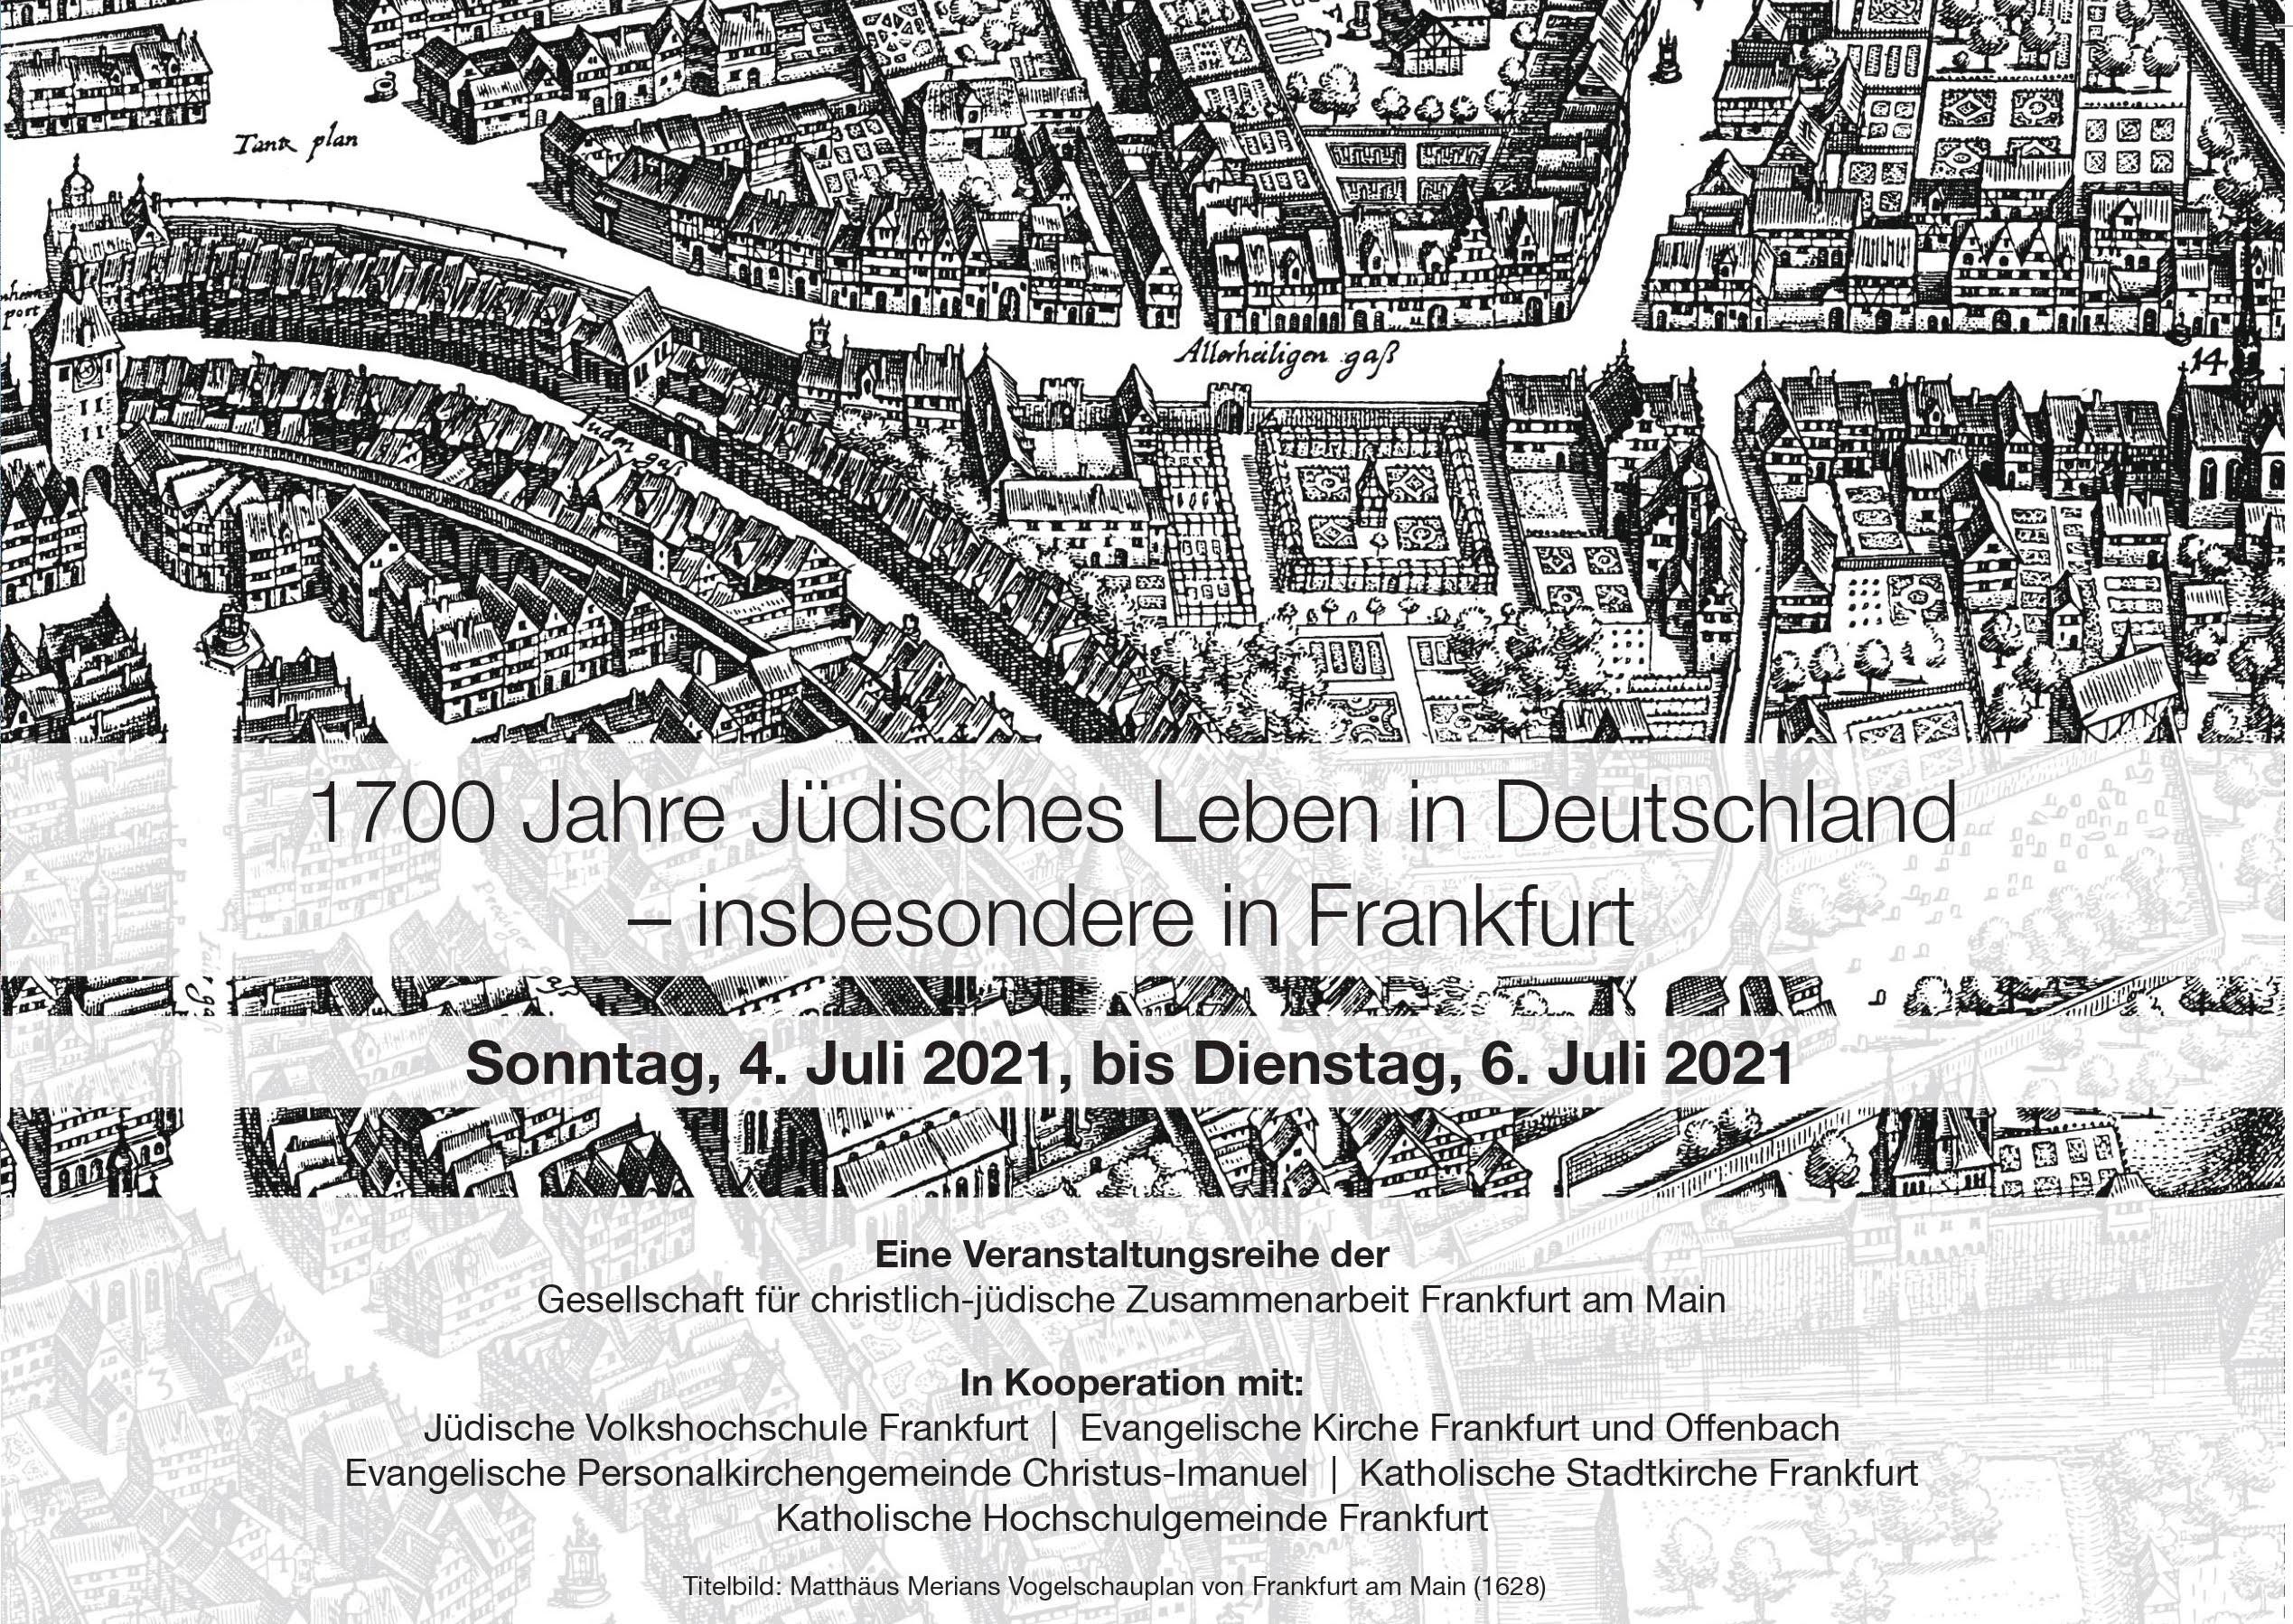 1700 Jahre jüdisches Leben in Frankfurt